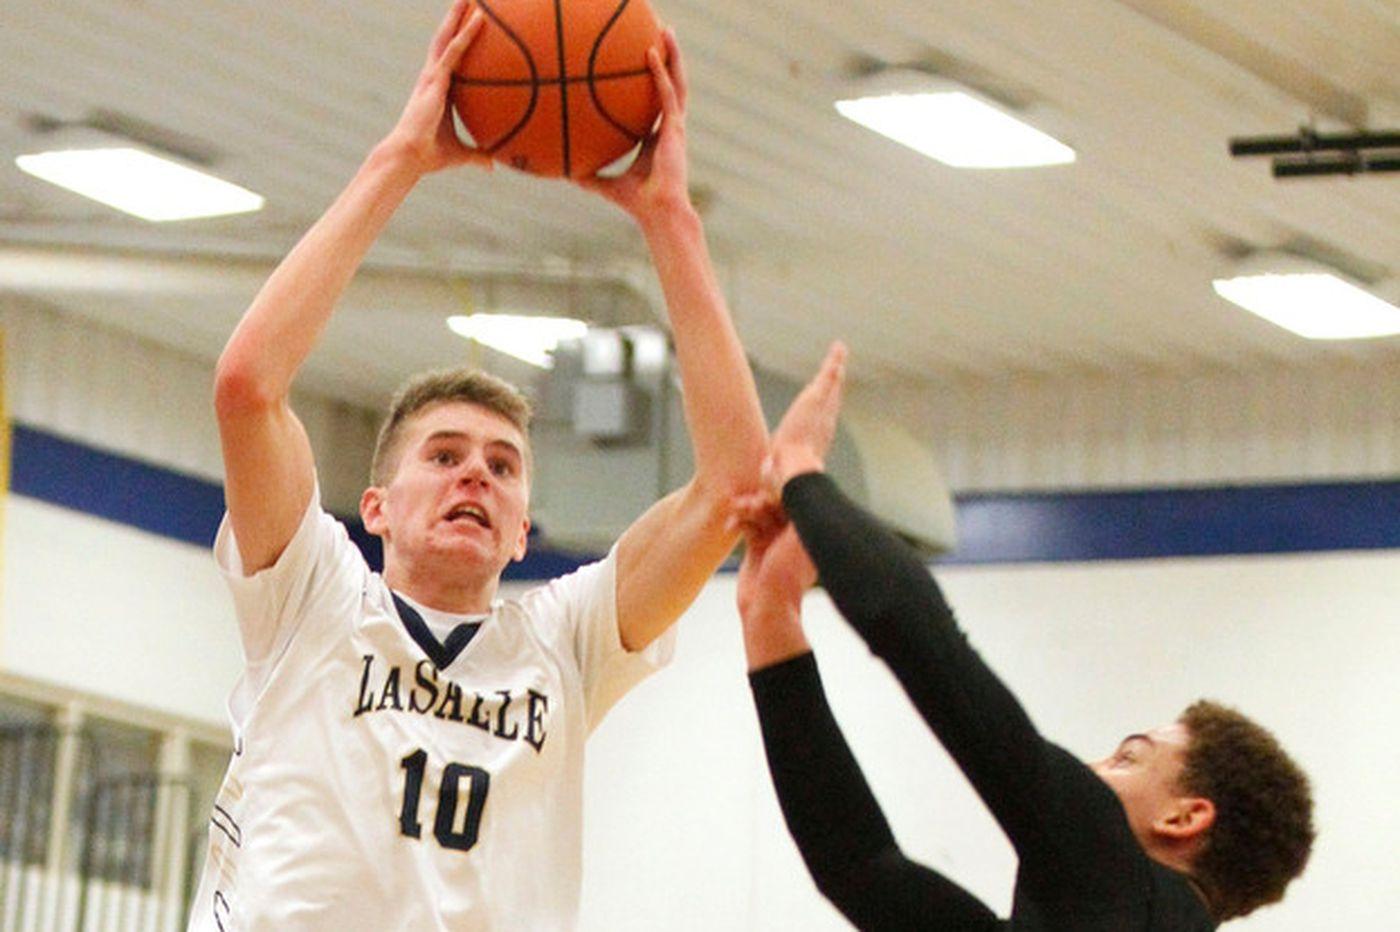 Video: La Salle's Konrad Kiszka dunks his way into ESPN's Top Plays